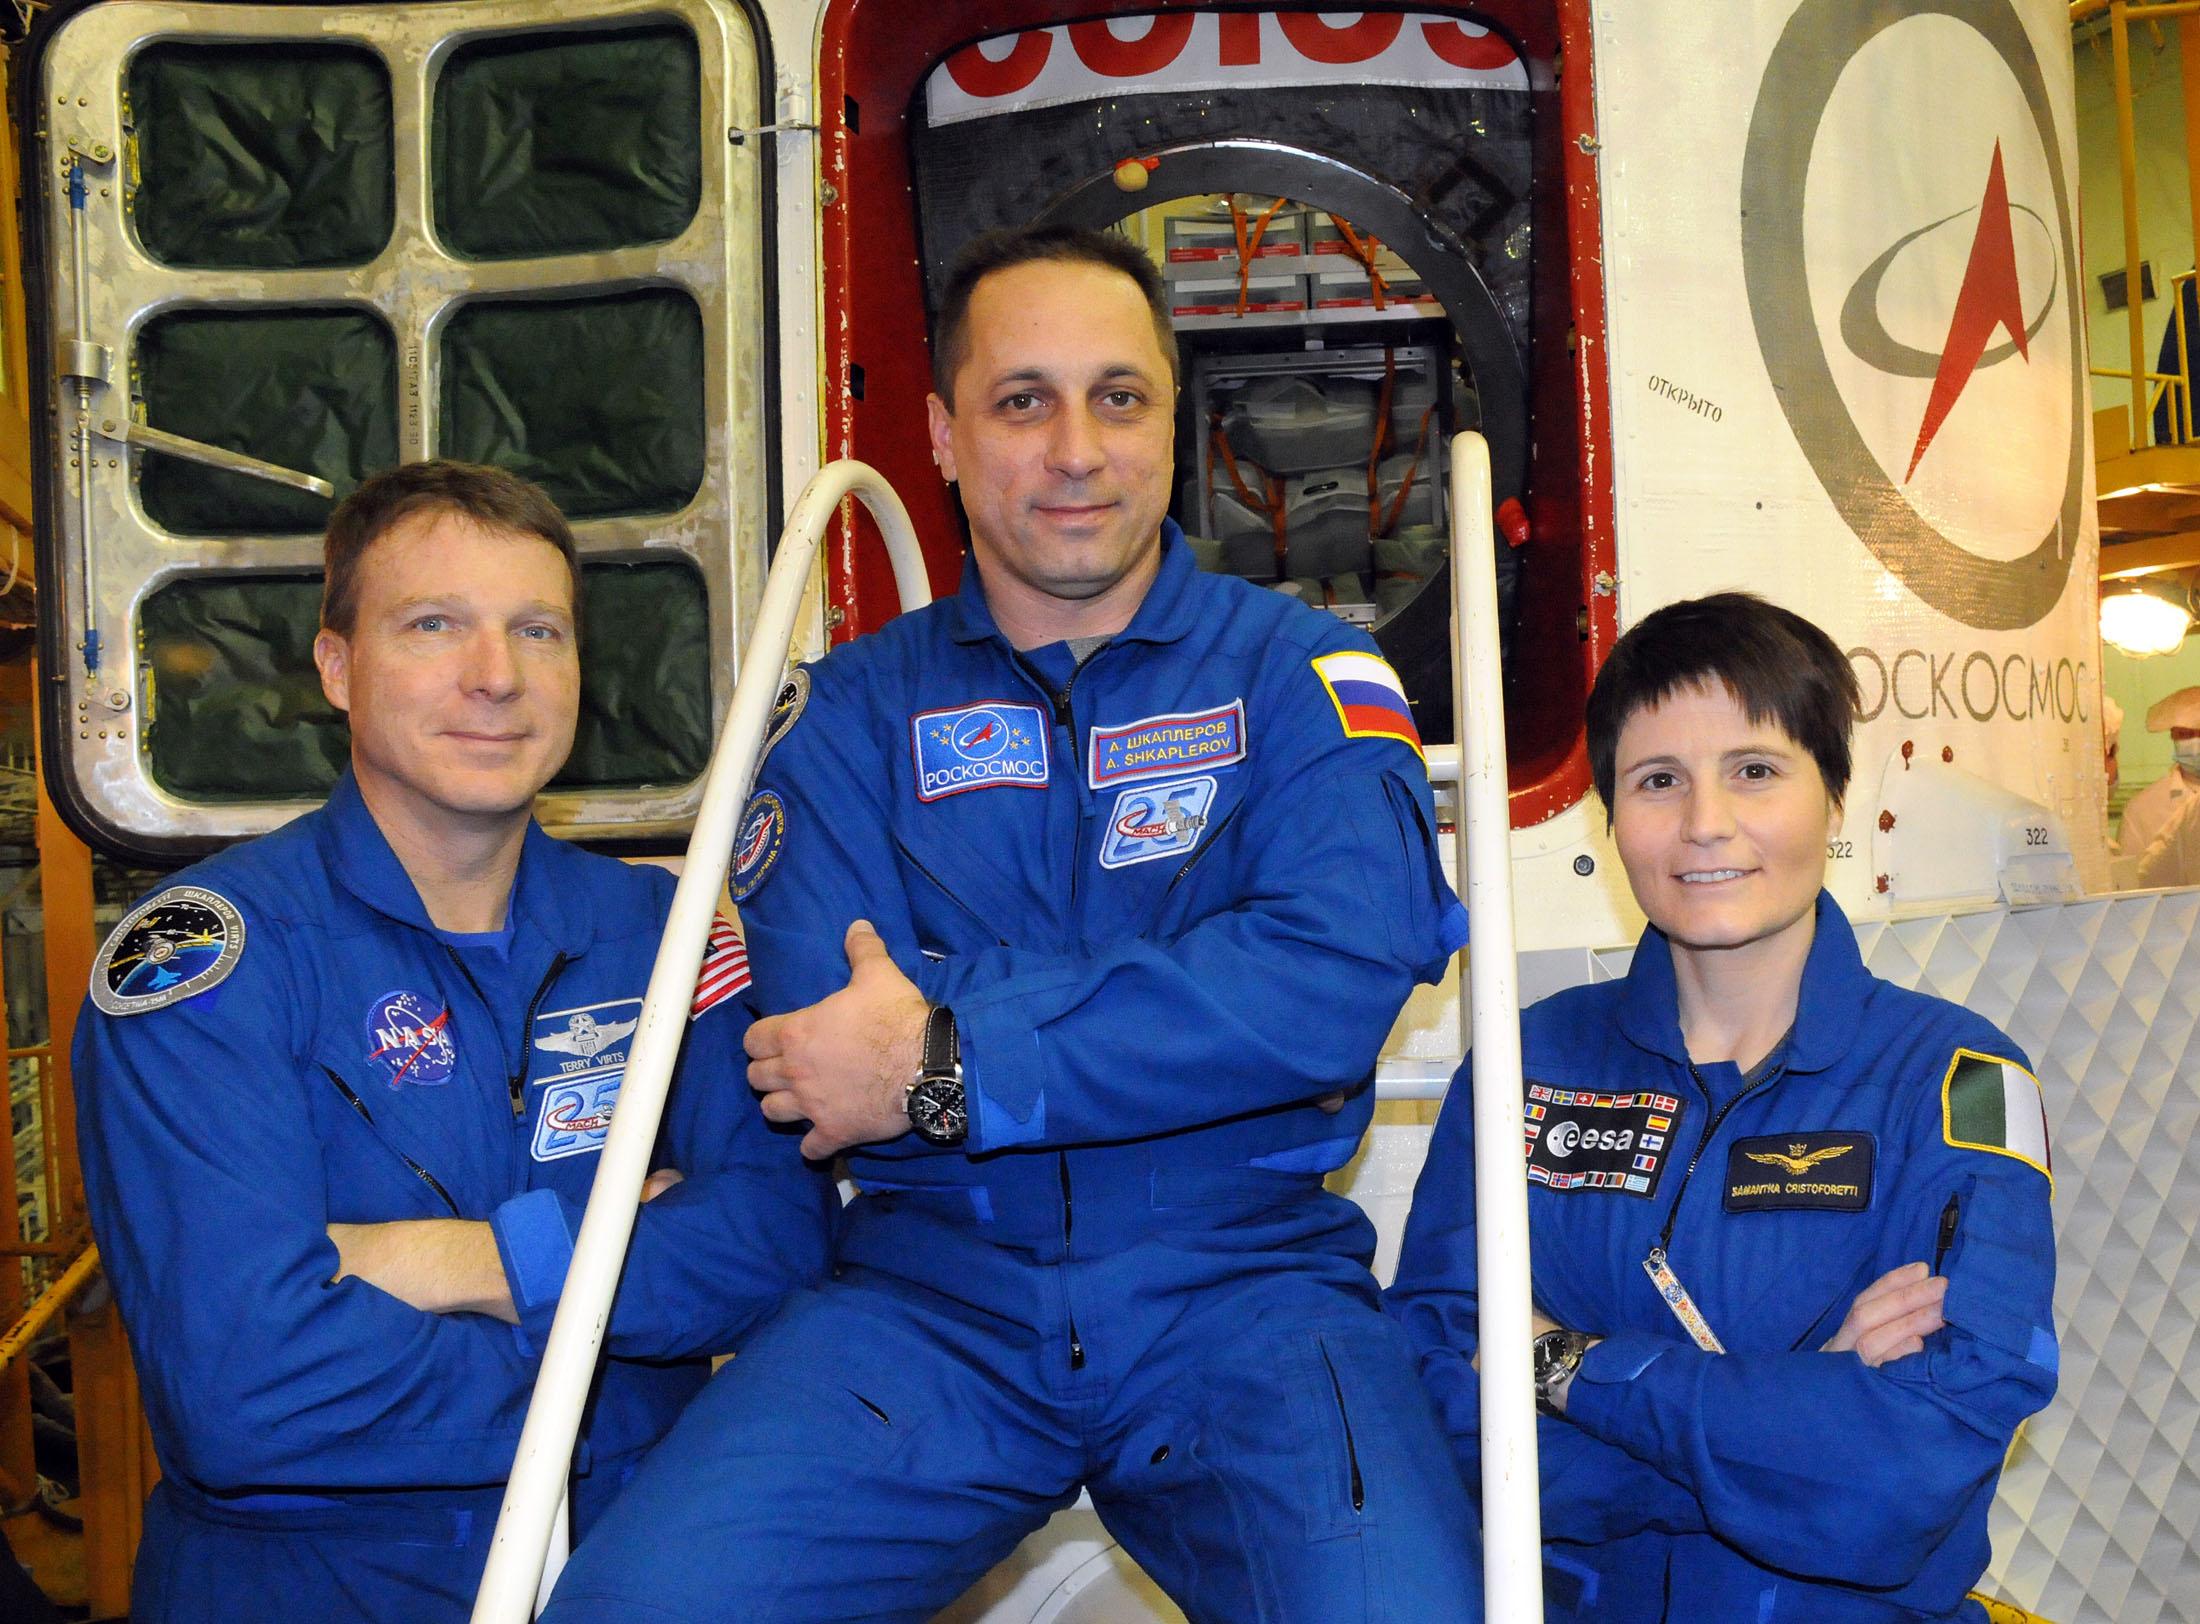 소유즈 우주선앞에 선 세 우주인